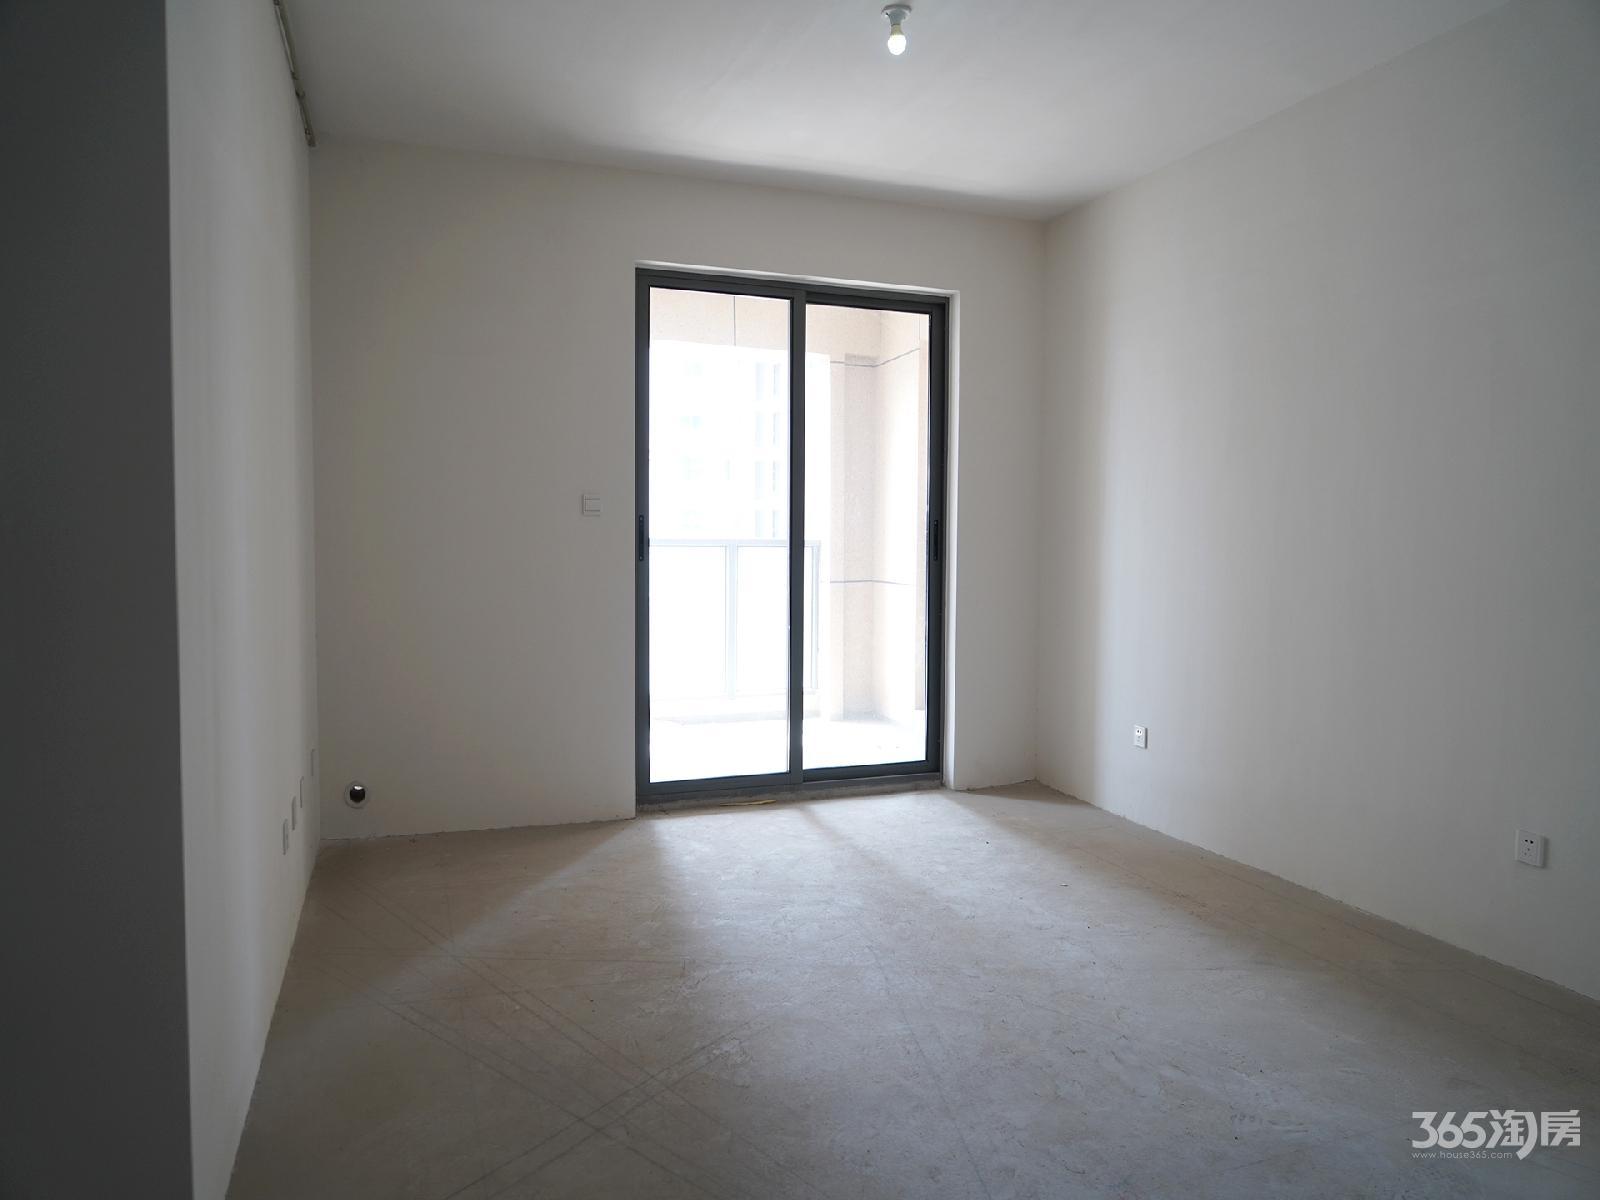 万科金域国际2室2厅1卫92.38平方米248万元